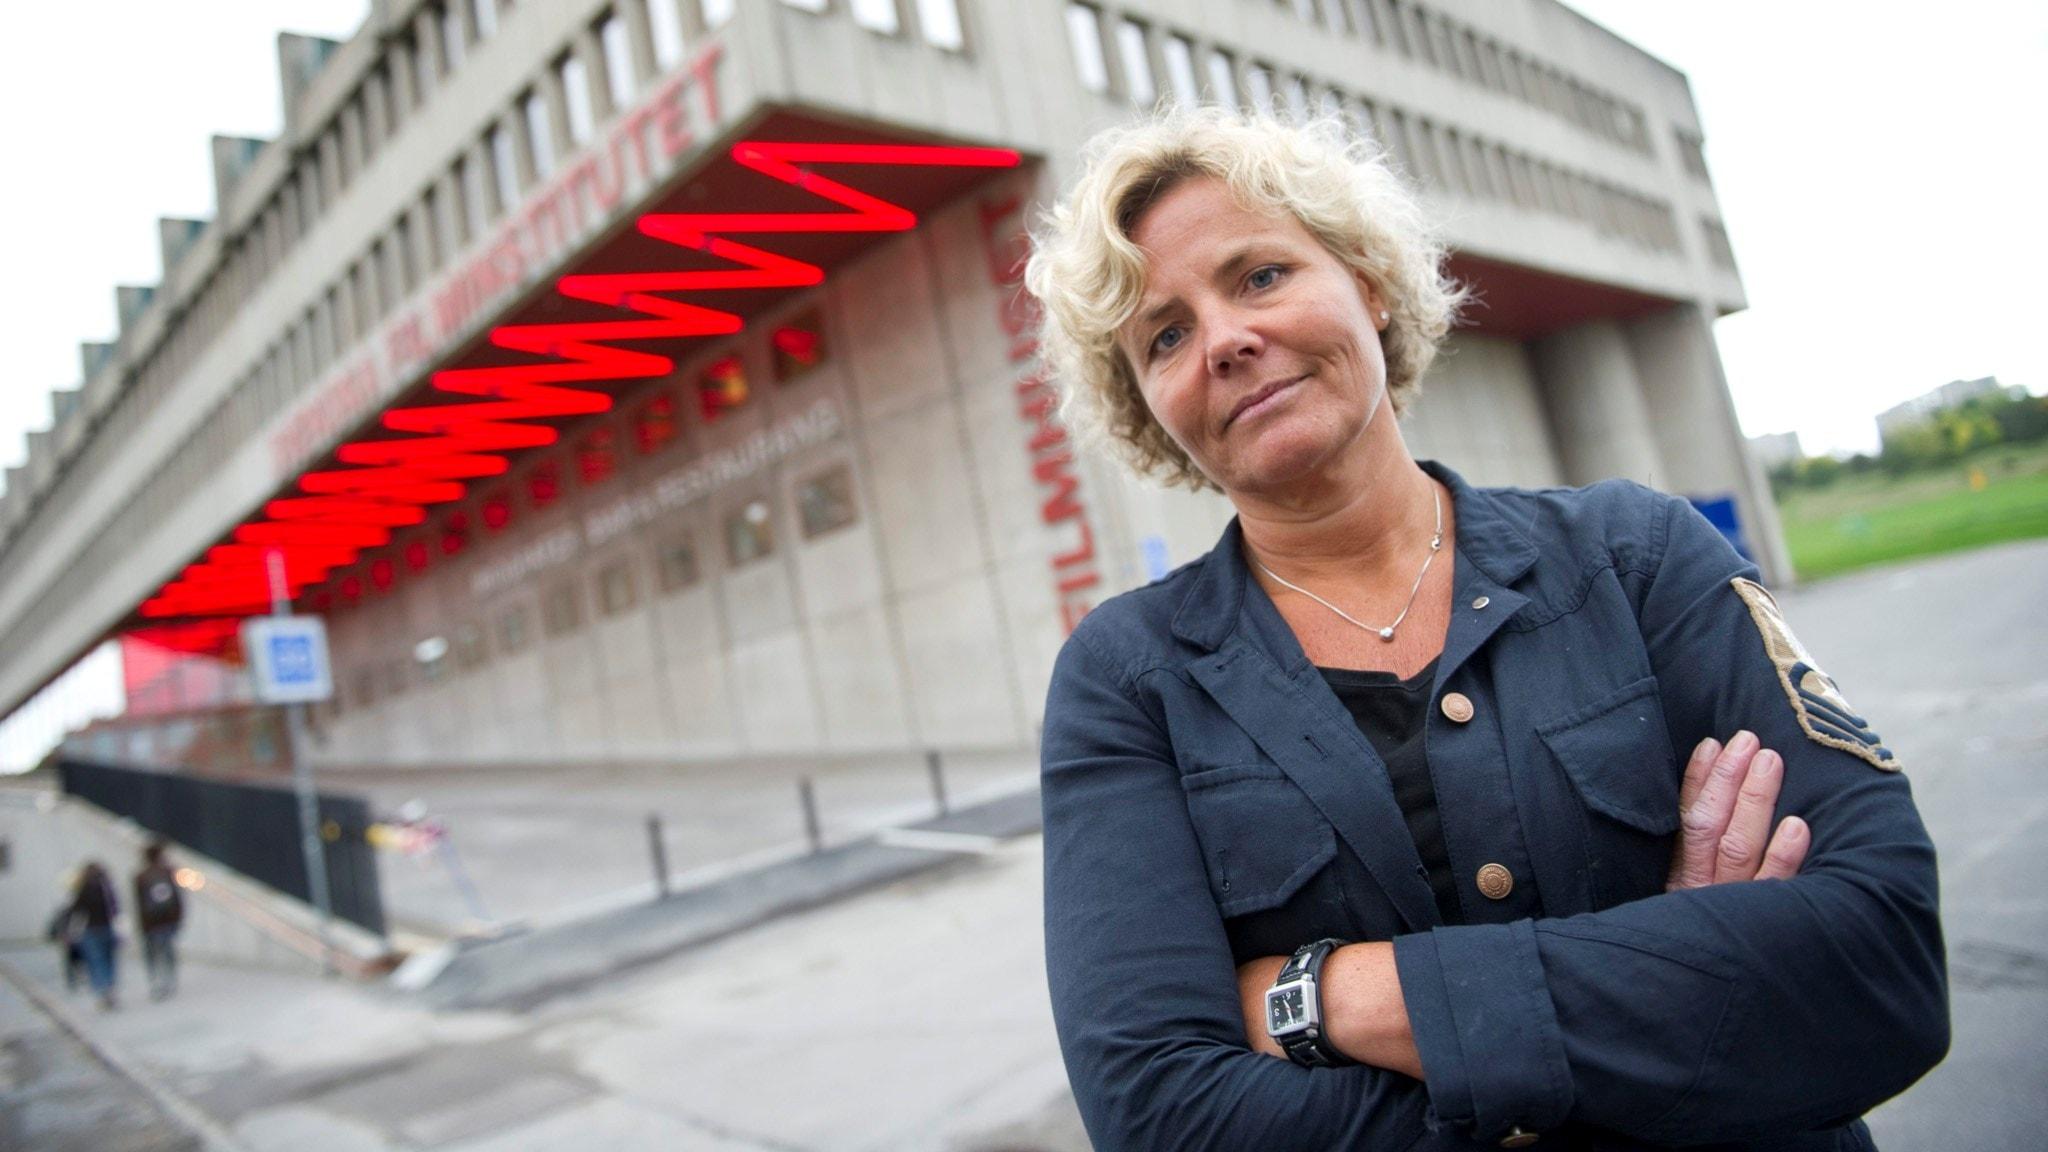 Erik träffar Filminstitutets VD som kämpar för att få ekonomi i svensk film - spela